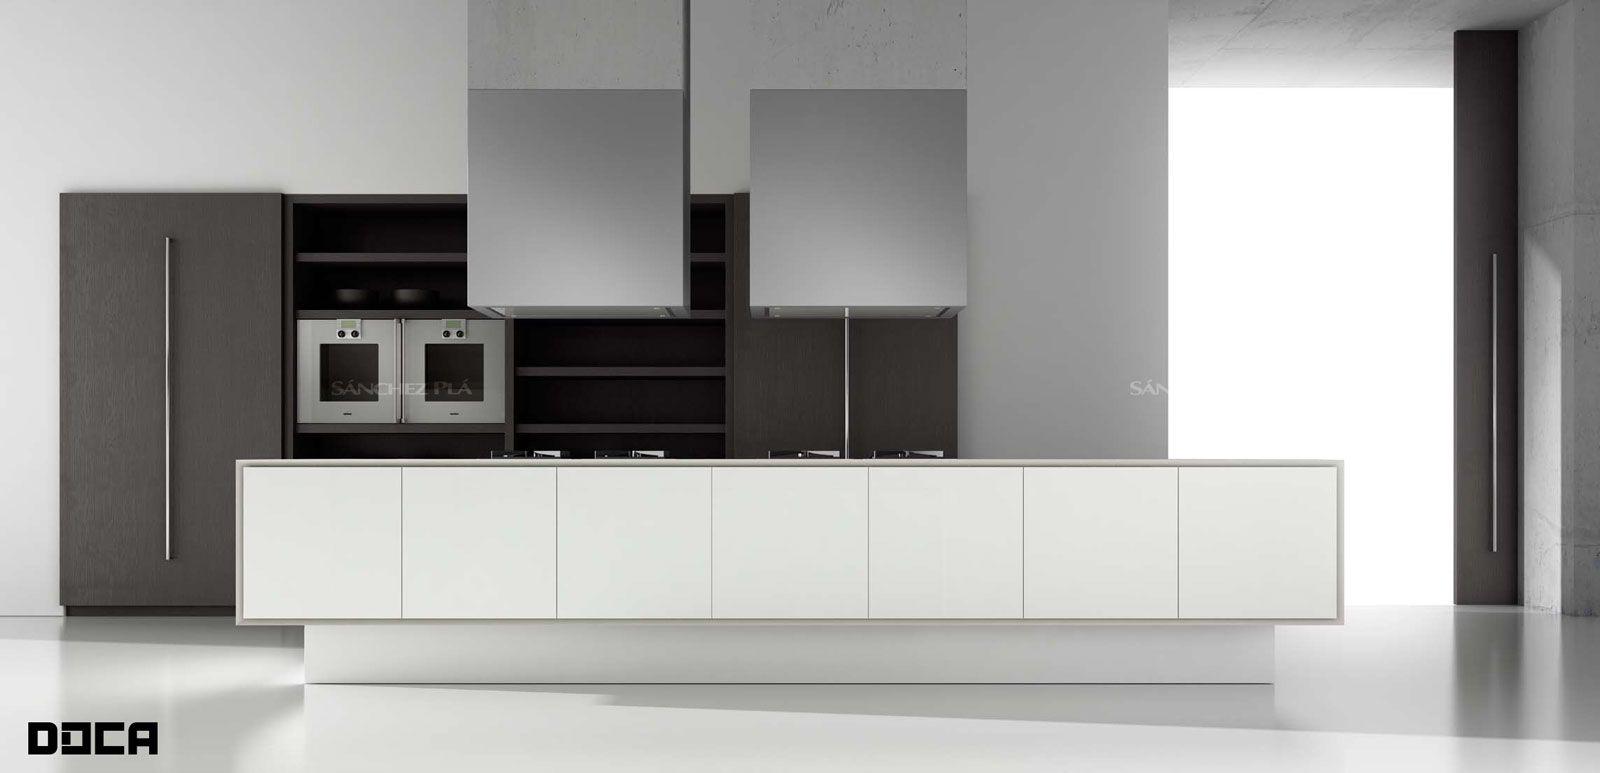 Mueble de cocina de puertas acrílicas pintadas Ecopal de Doca